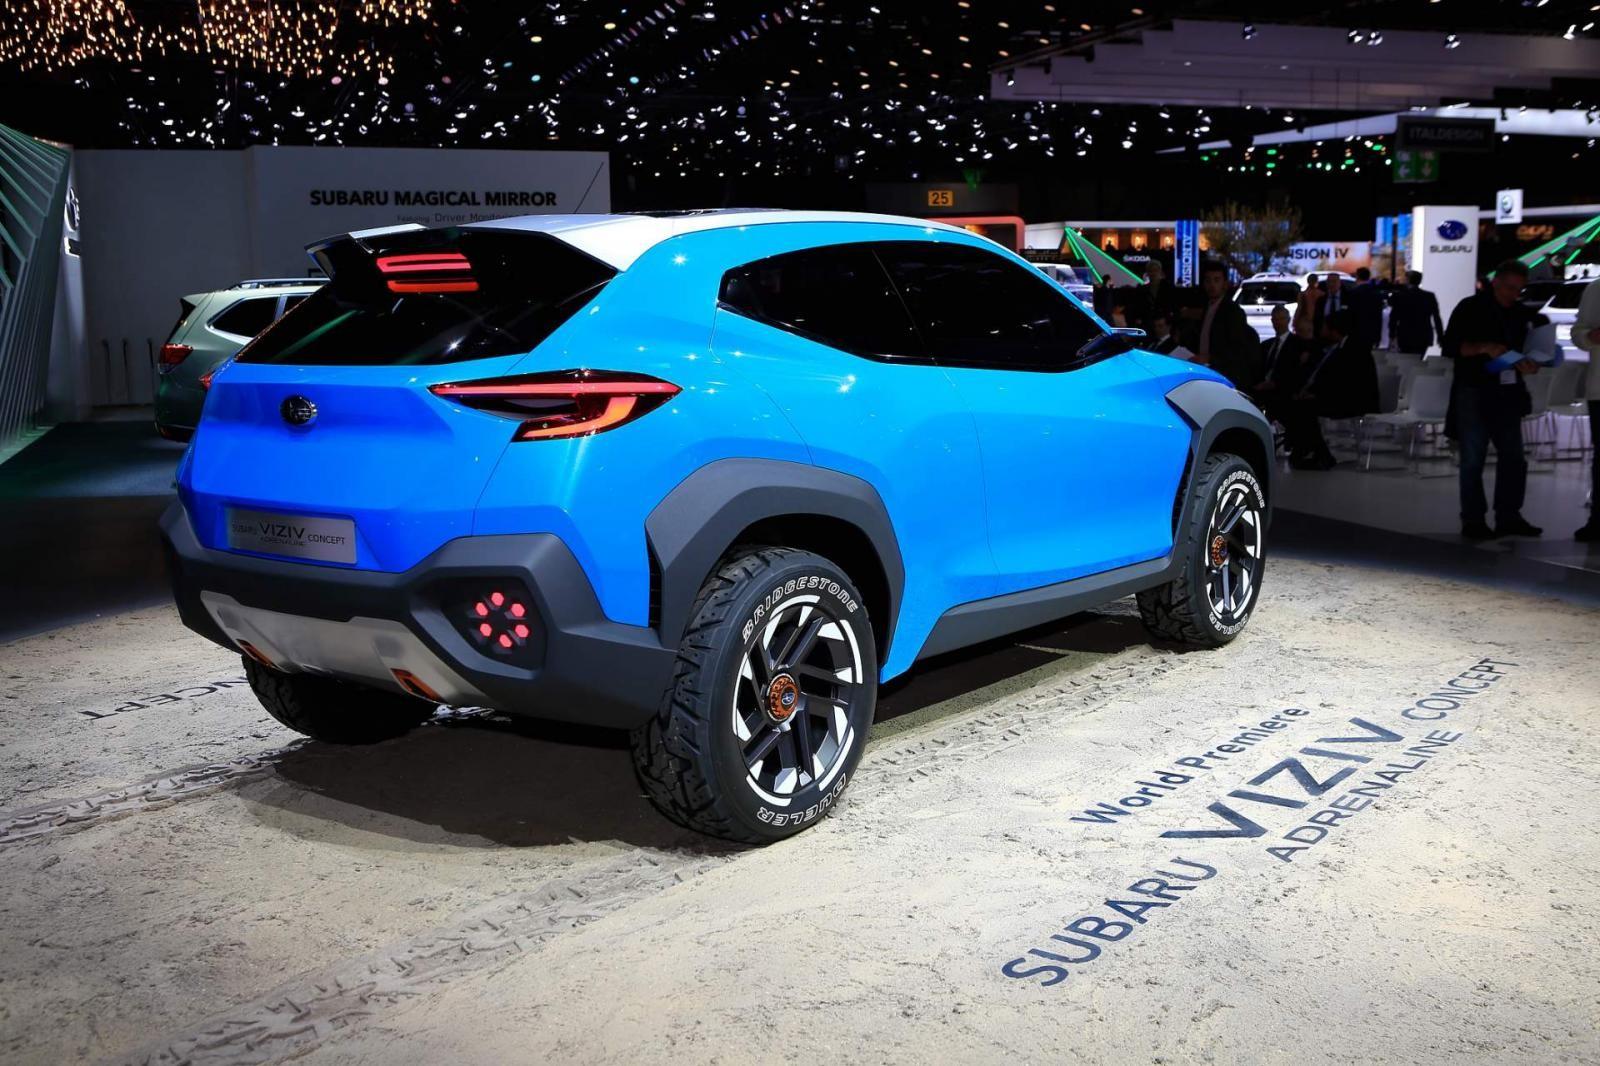 Subaru Viziv Adrenaline có gầm đủ cao, bộ lốp đi mọi địa hình để mang tới khả năng off-road tốt